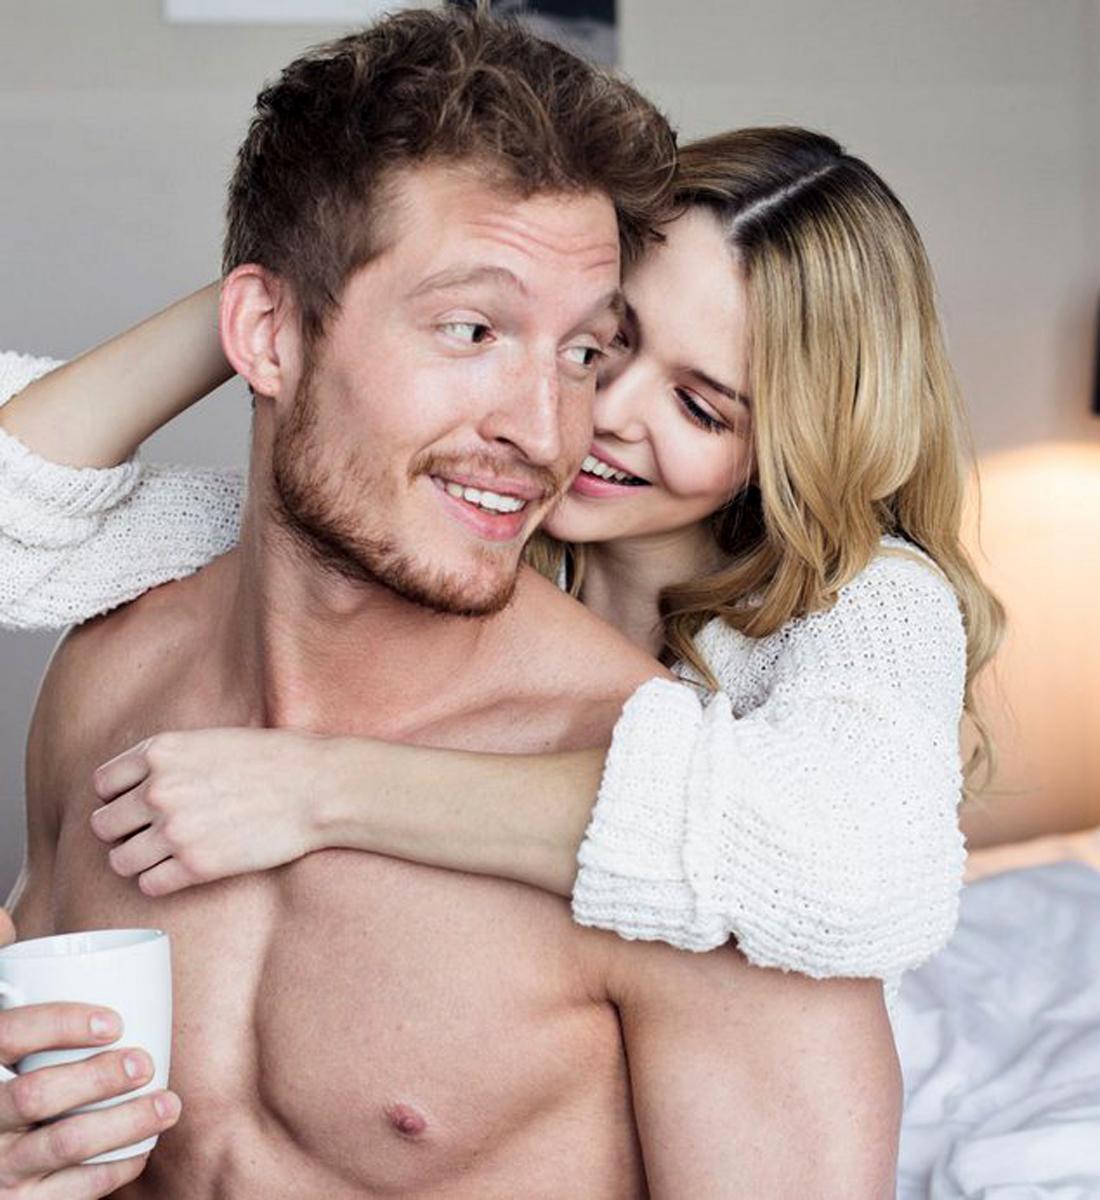 άτομα που κάνουν σεξ στο ντους